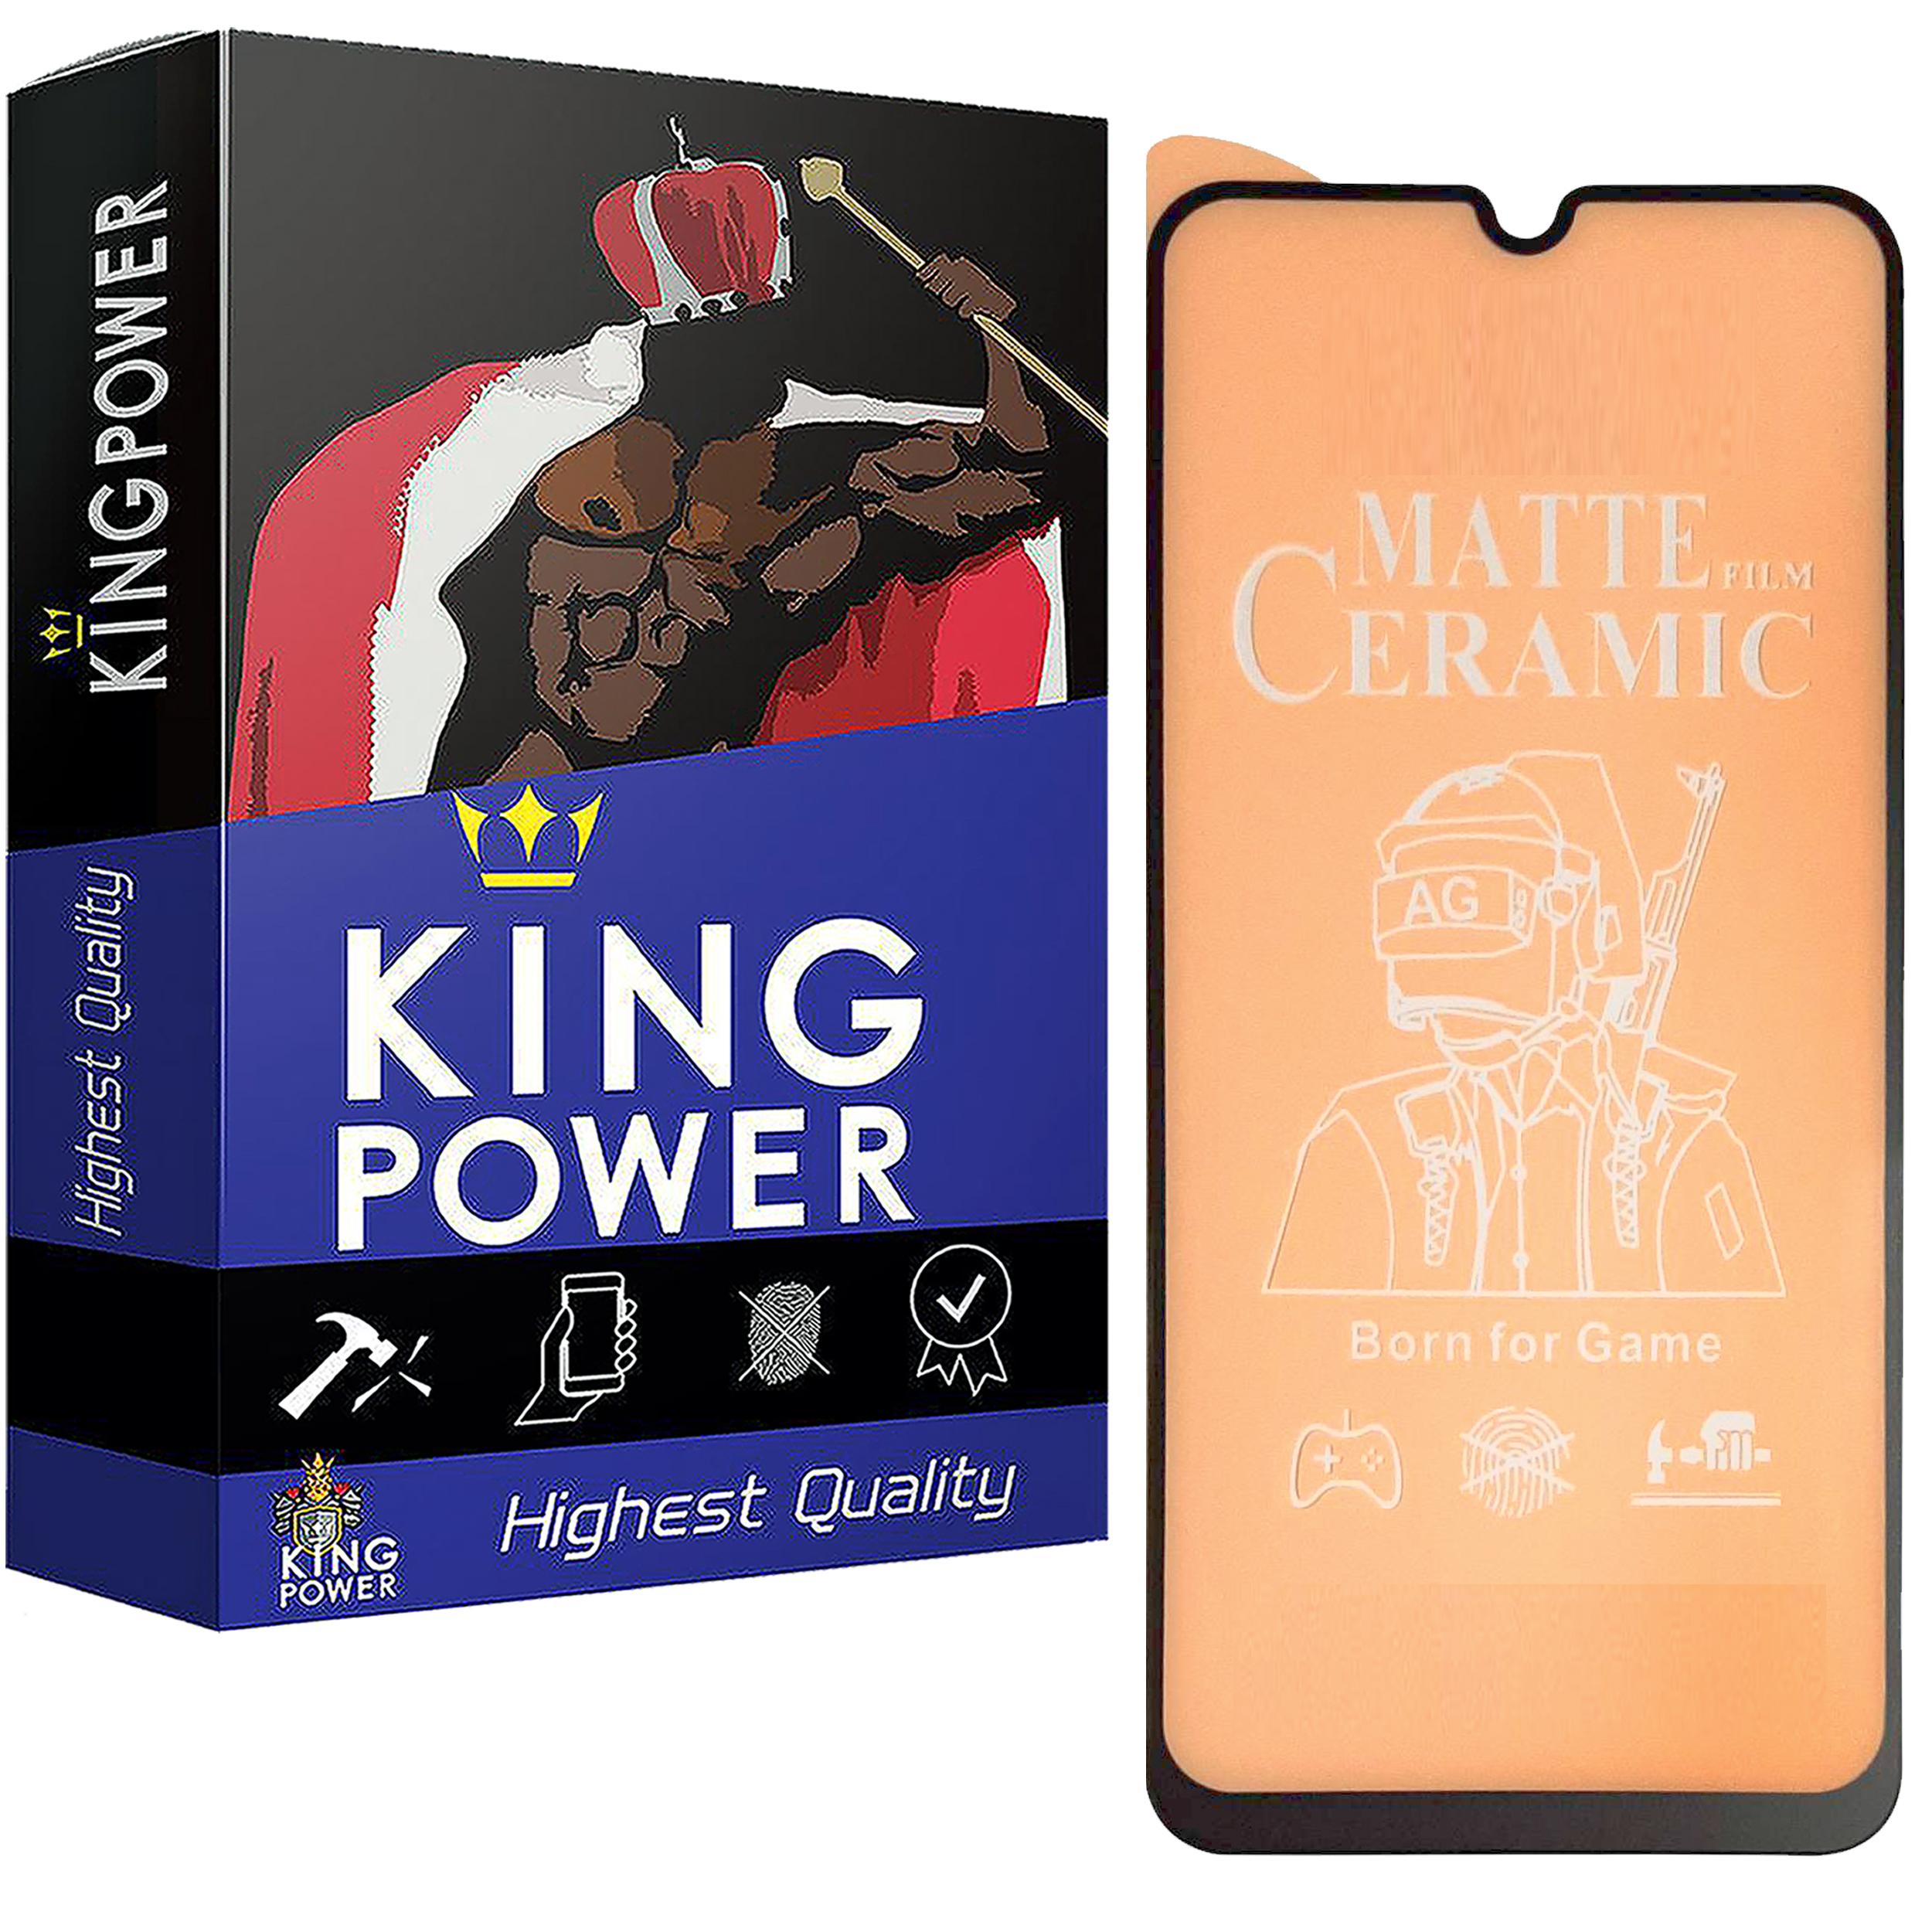 محافظ صفحه نمایش مات کینگ پاور مدل KPFCM مناسب برای گوشی موبایل سامسونگ Galaxy A50/A50s/A30s thumb